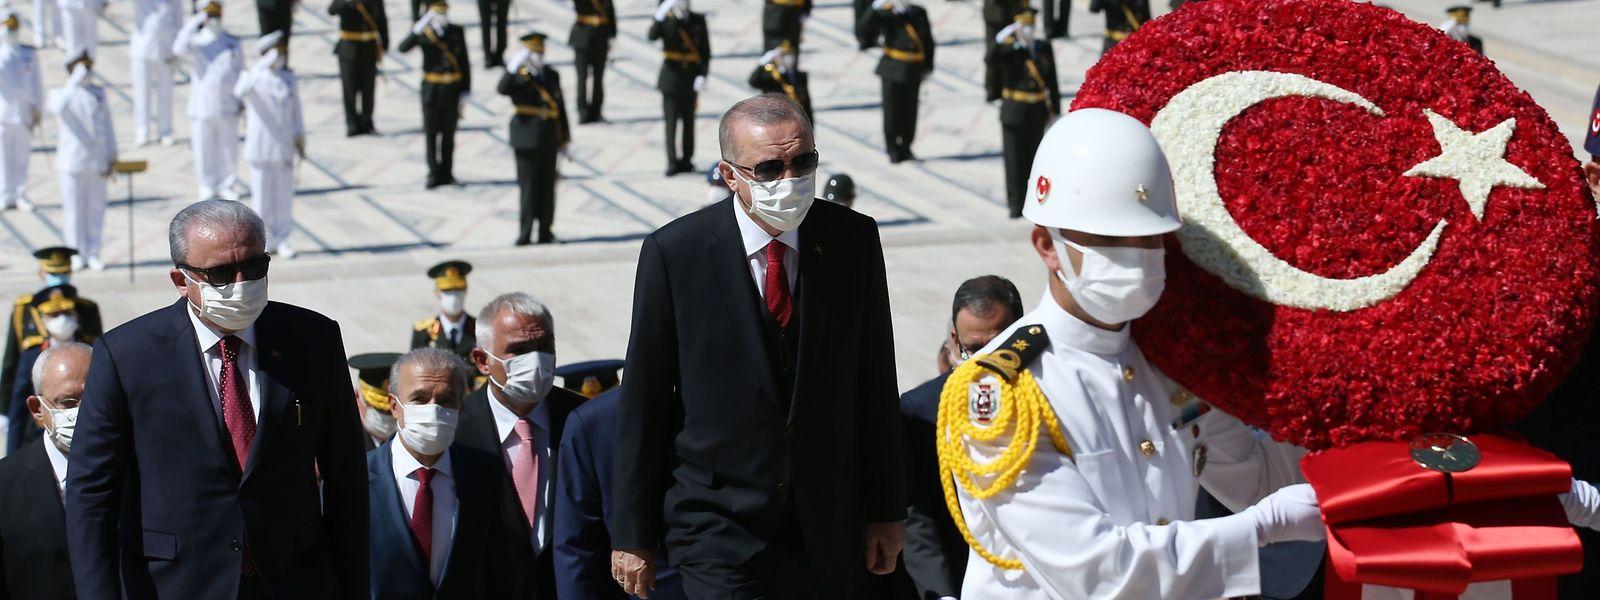 Ausdruck von großer Macht: Der türkische Präsident Recep Tayyip Erdogan während der Zeremonie am Nationaldenkmal des Staatsgründers Mustafa Kemal Ataturk am 30. August 2020.